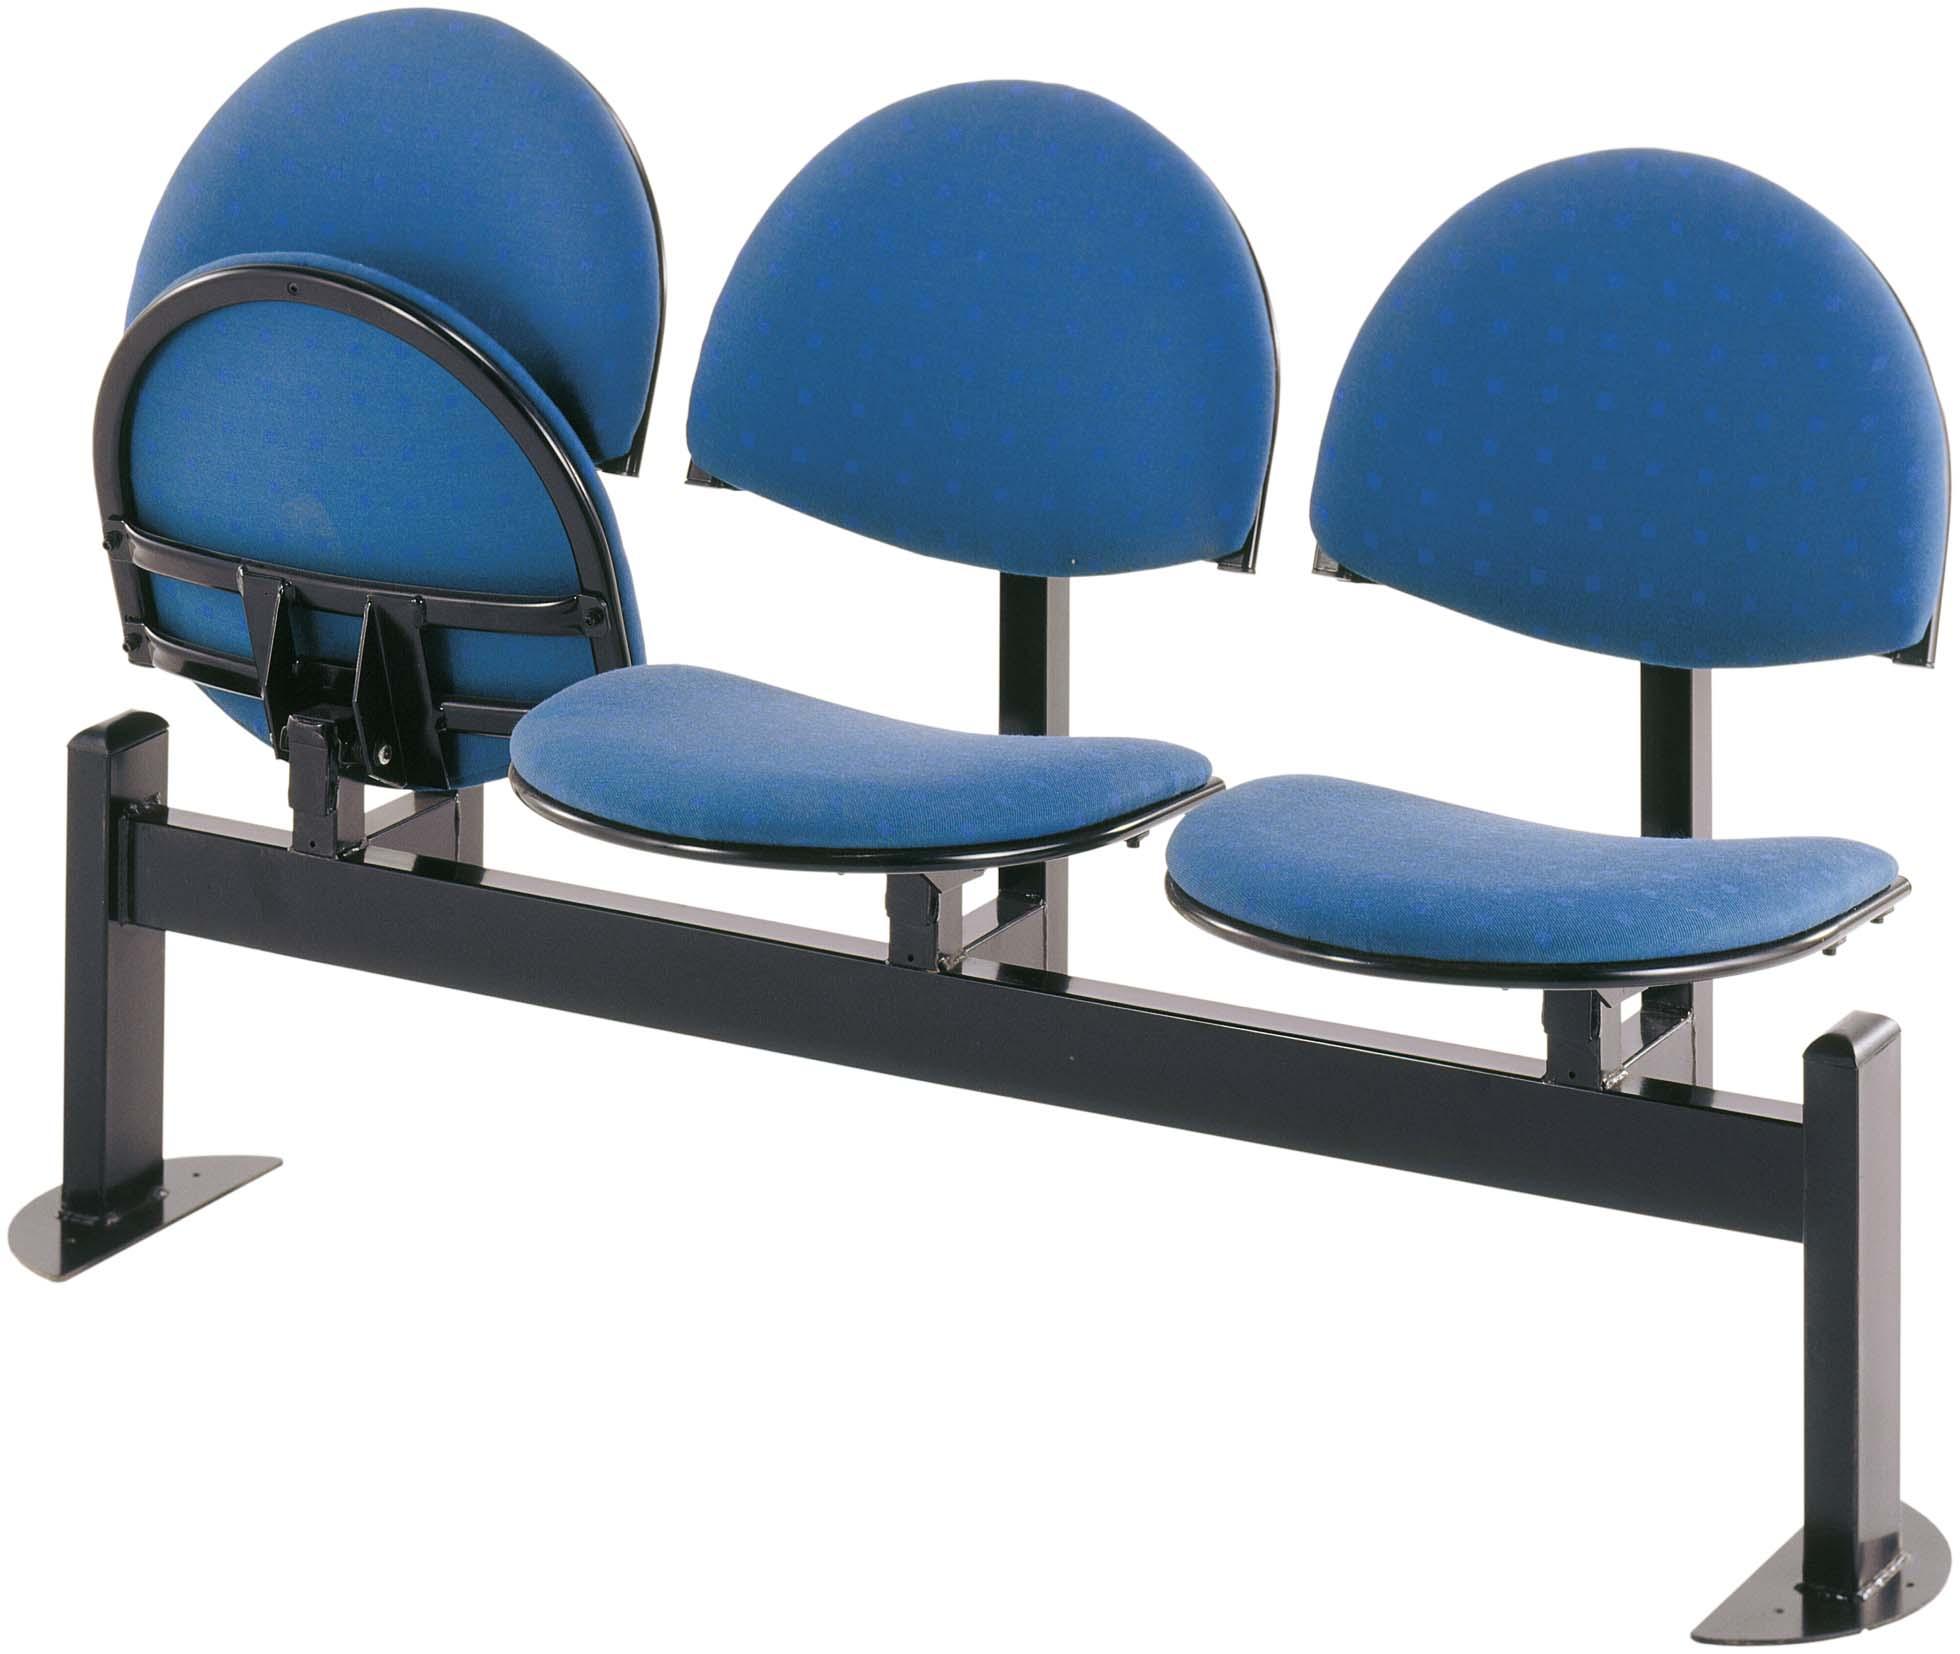 poutre avec si ges rabattables axil mobilier goz. Black Bedroom Furniture Sets. Home Design Ideas